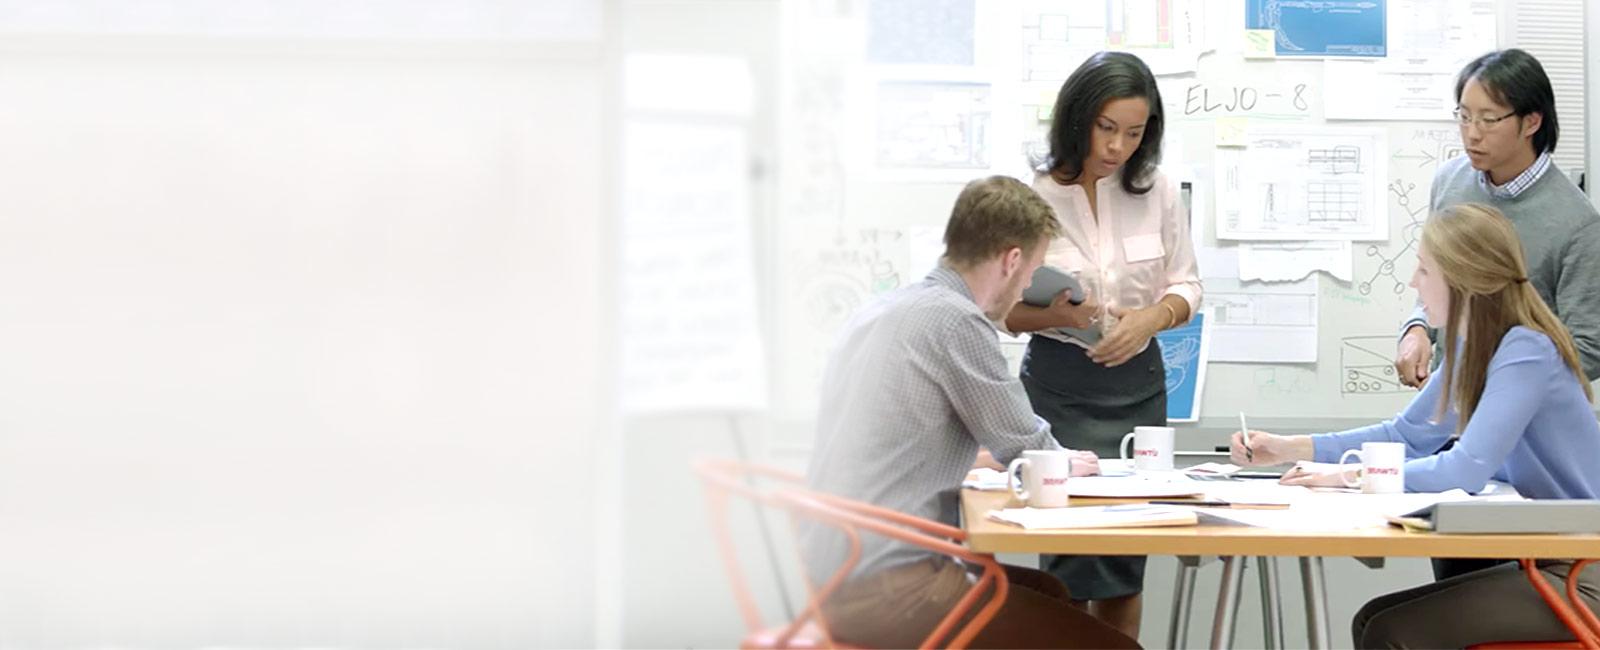 Dua orang berdiri dan dua orang duduk di meja yang dipenuhi dokumen di depan papan tulis.